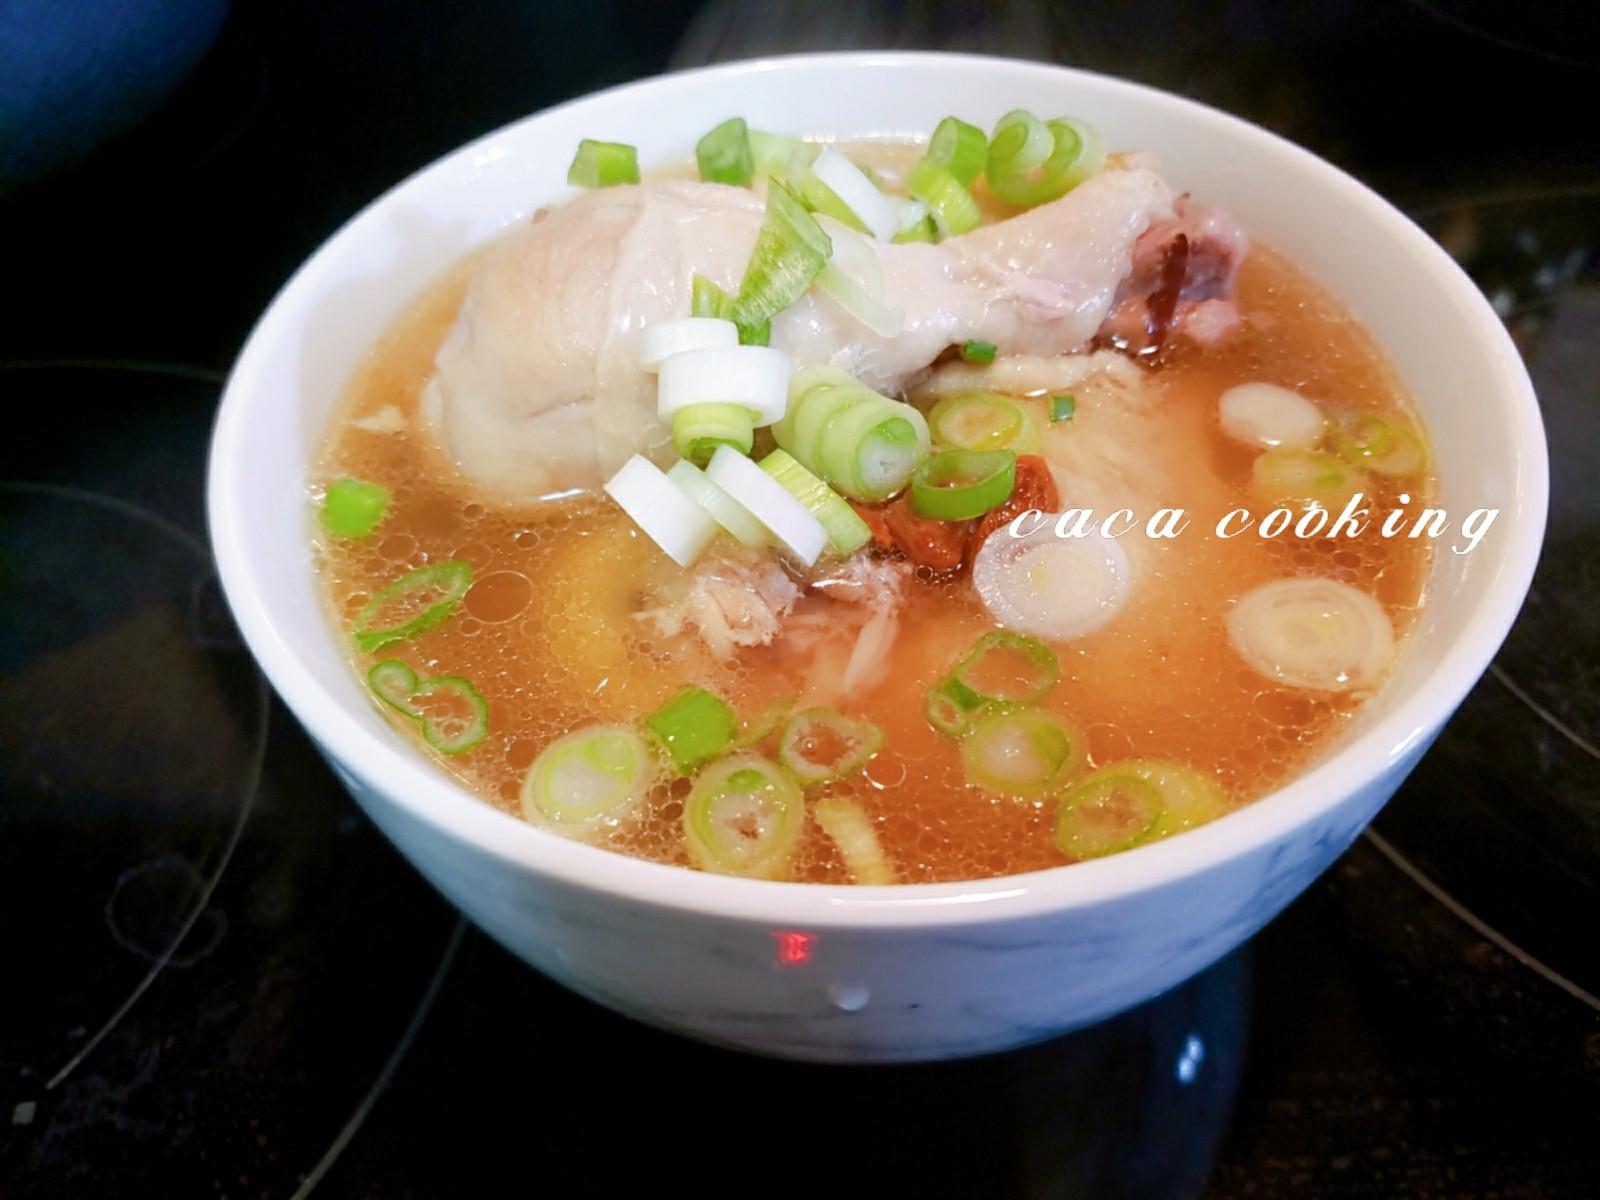 人蔘蒜頭雞湯(電子壓力鍋)